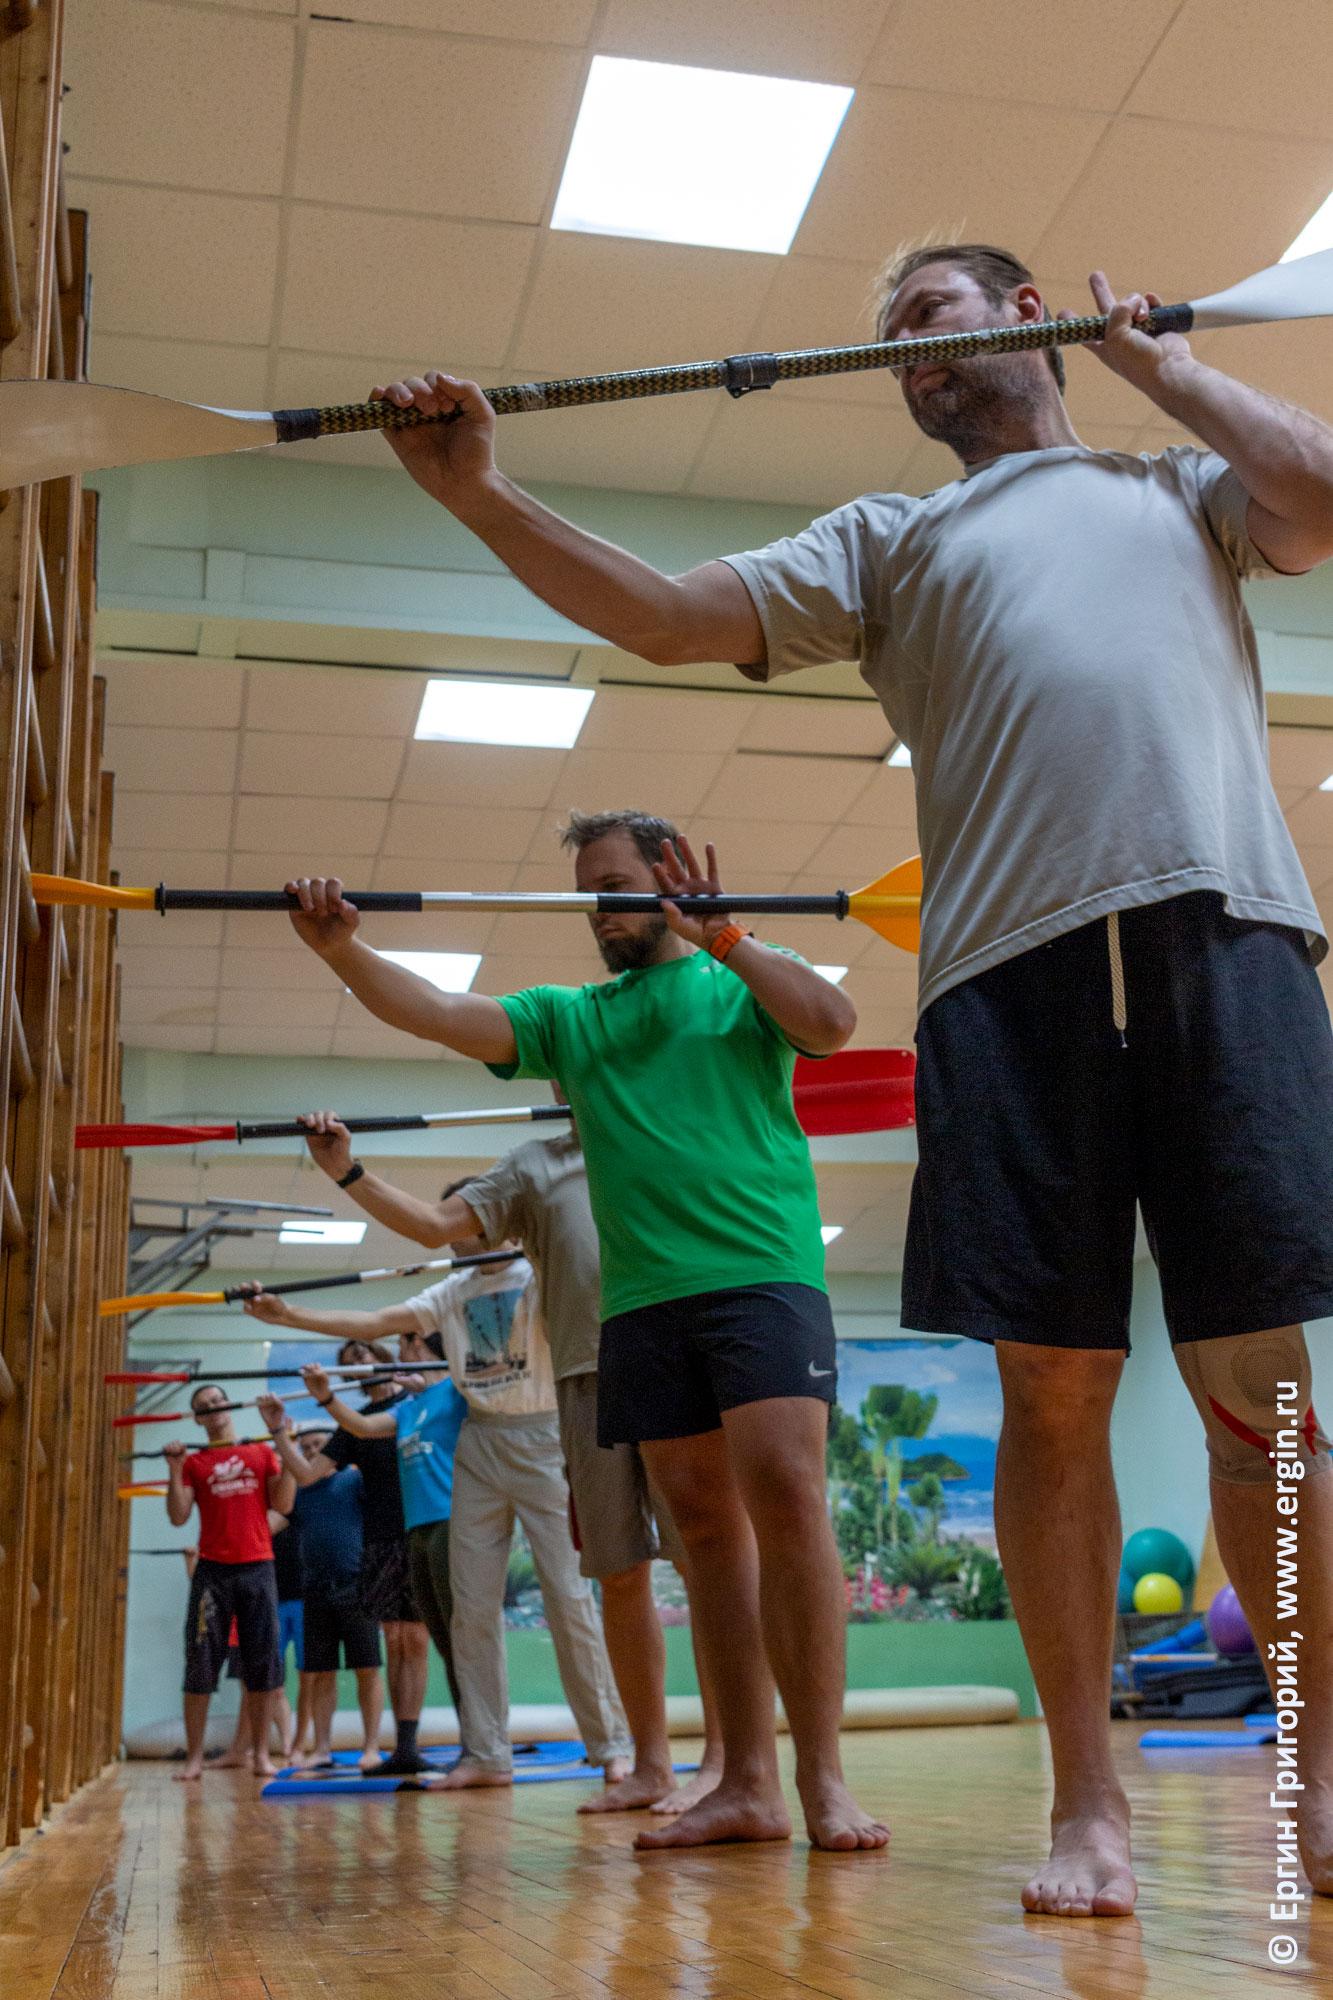 Правильное положение рук на весле при выполнения опоры эскимосского переворота